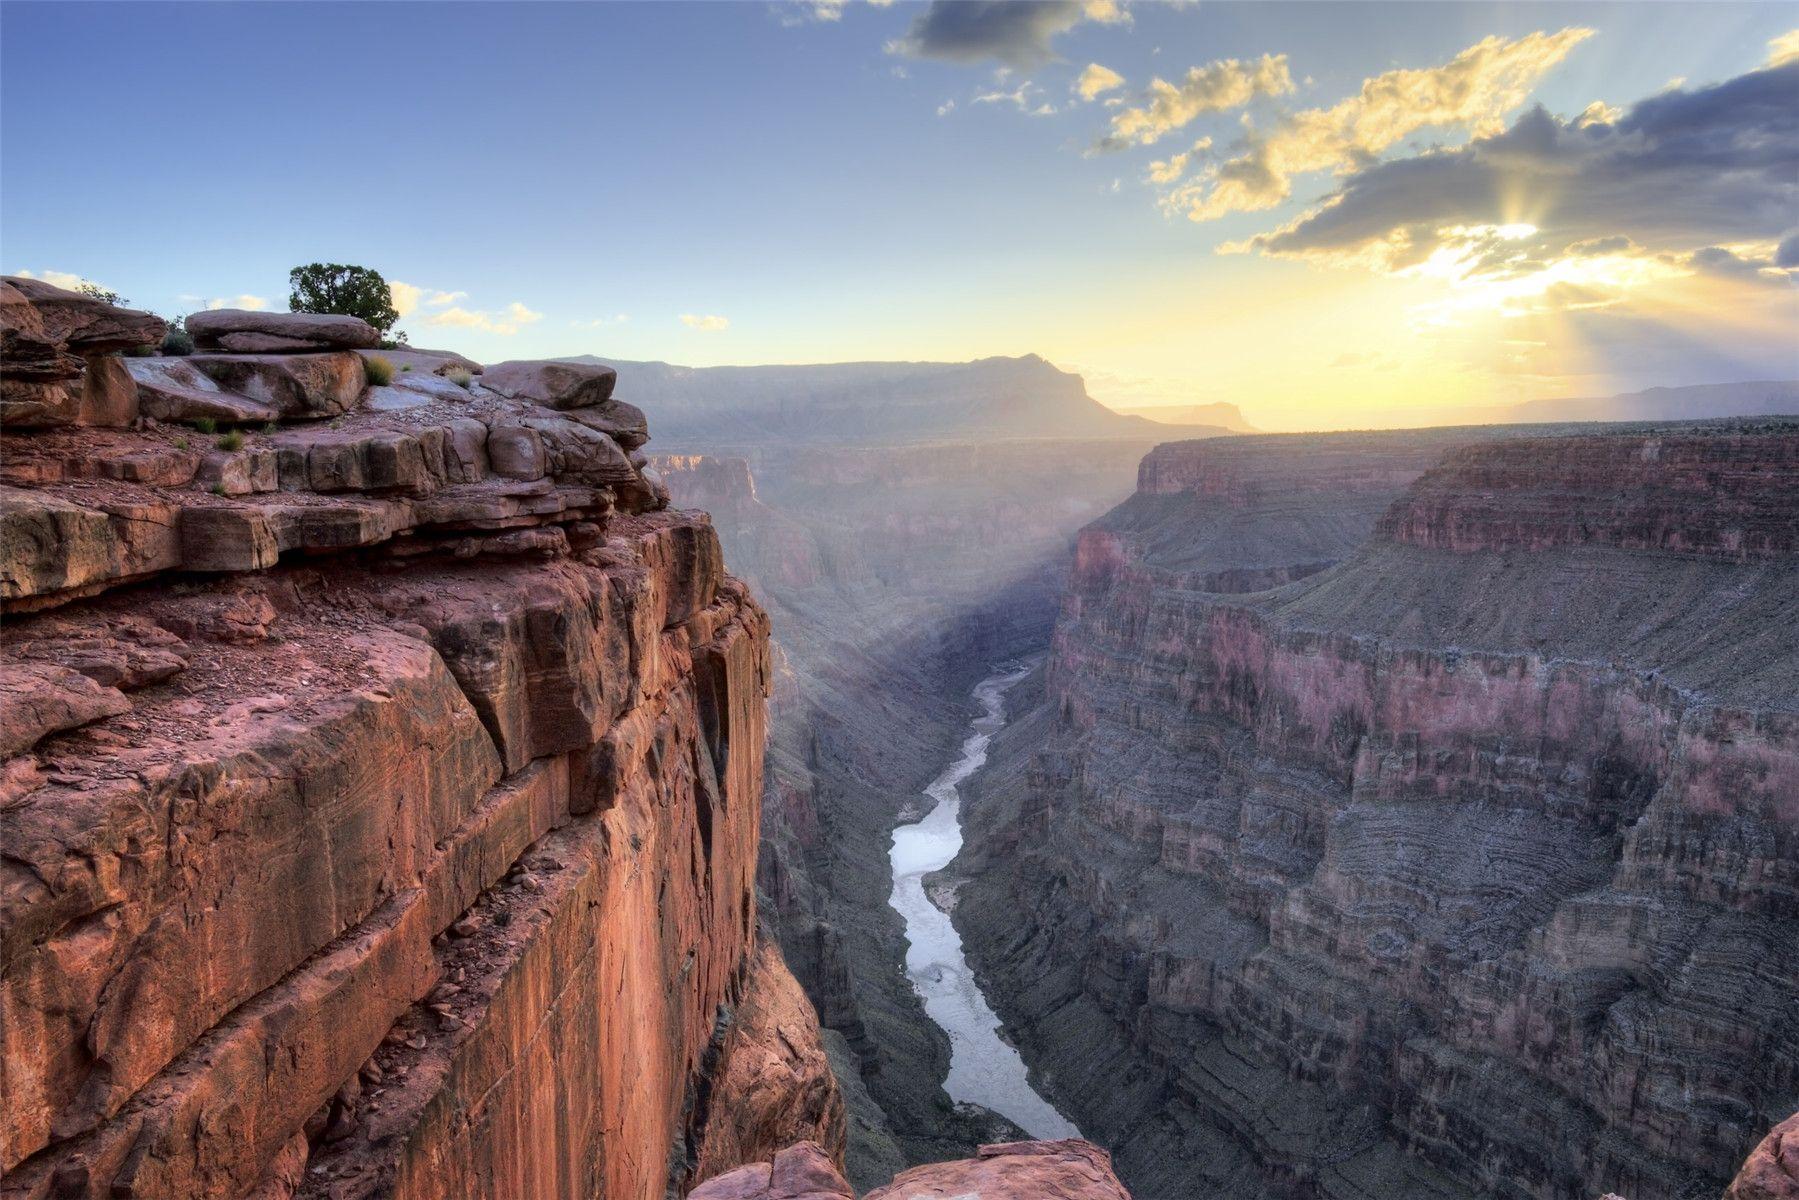 $99 | 3-Day Tour to Las Vegas, Grand Canyon Skywalk from Los Angeles, LA Bus Tour to Grand Canyon & Vegas